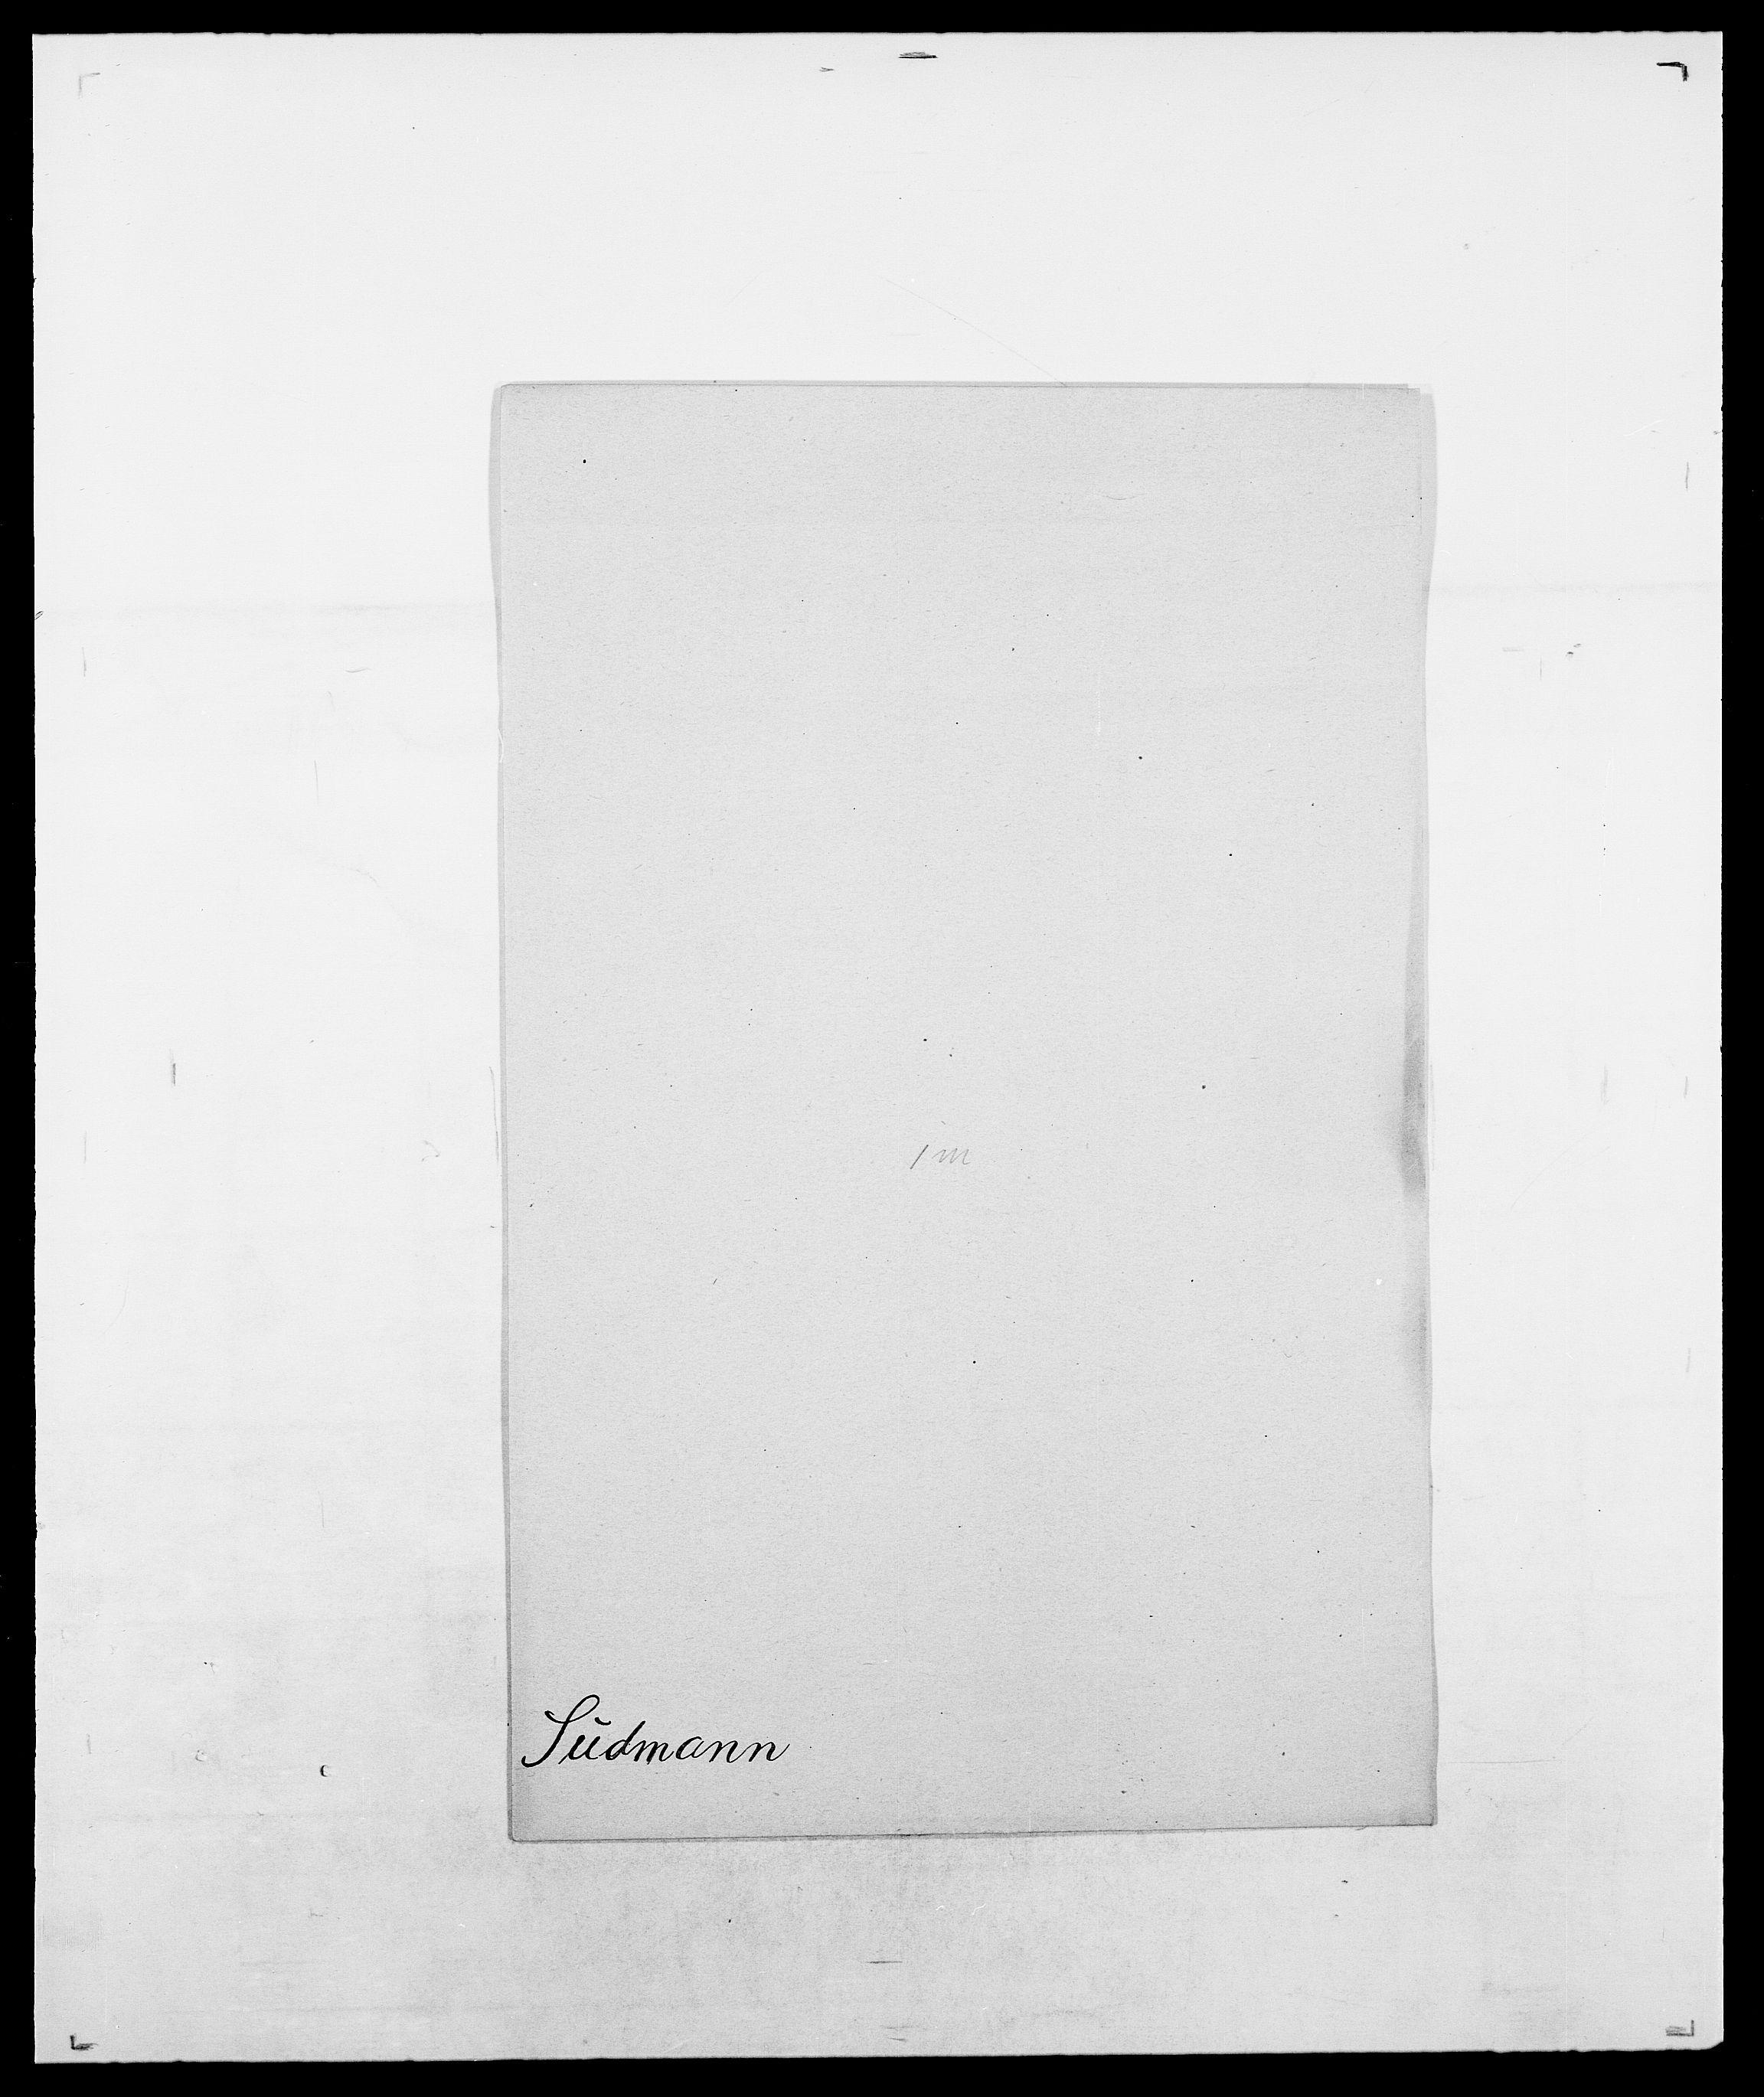 SAO, Delgobe, Charles Antoine - samling, D/Da/L0037: Steen, Sthen, Stein - Svare, Svanige, Svanne, se også Svanning og Schwane, s. 873